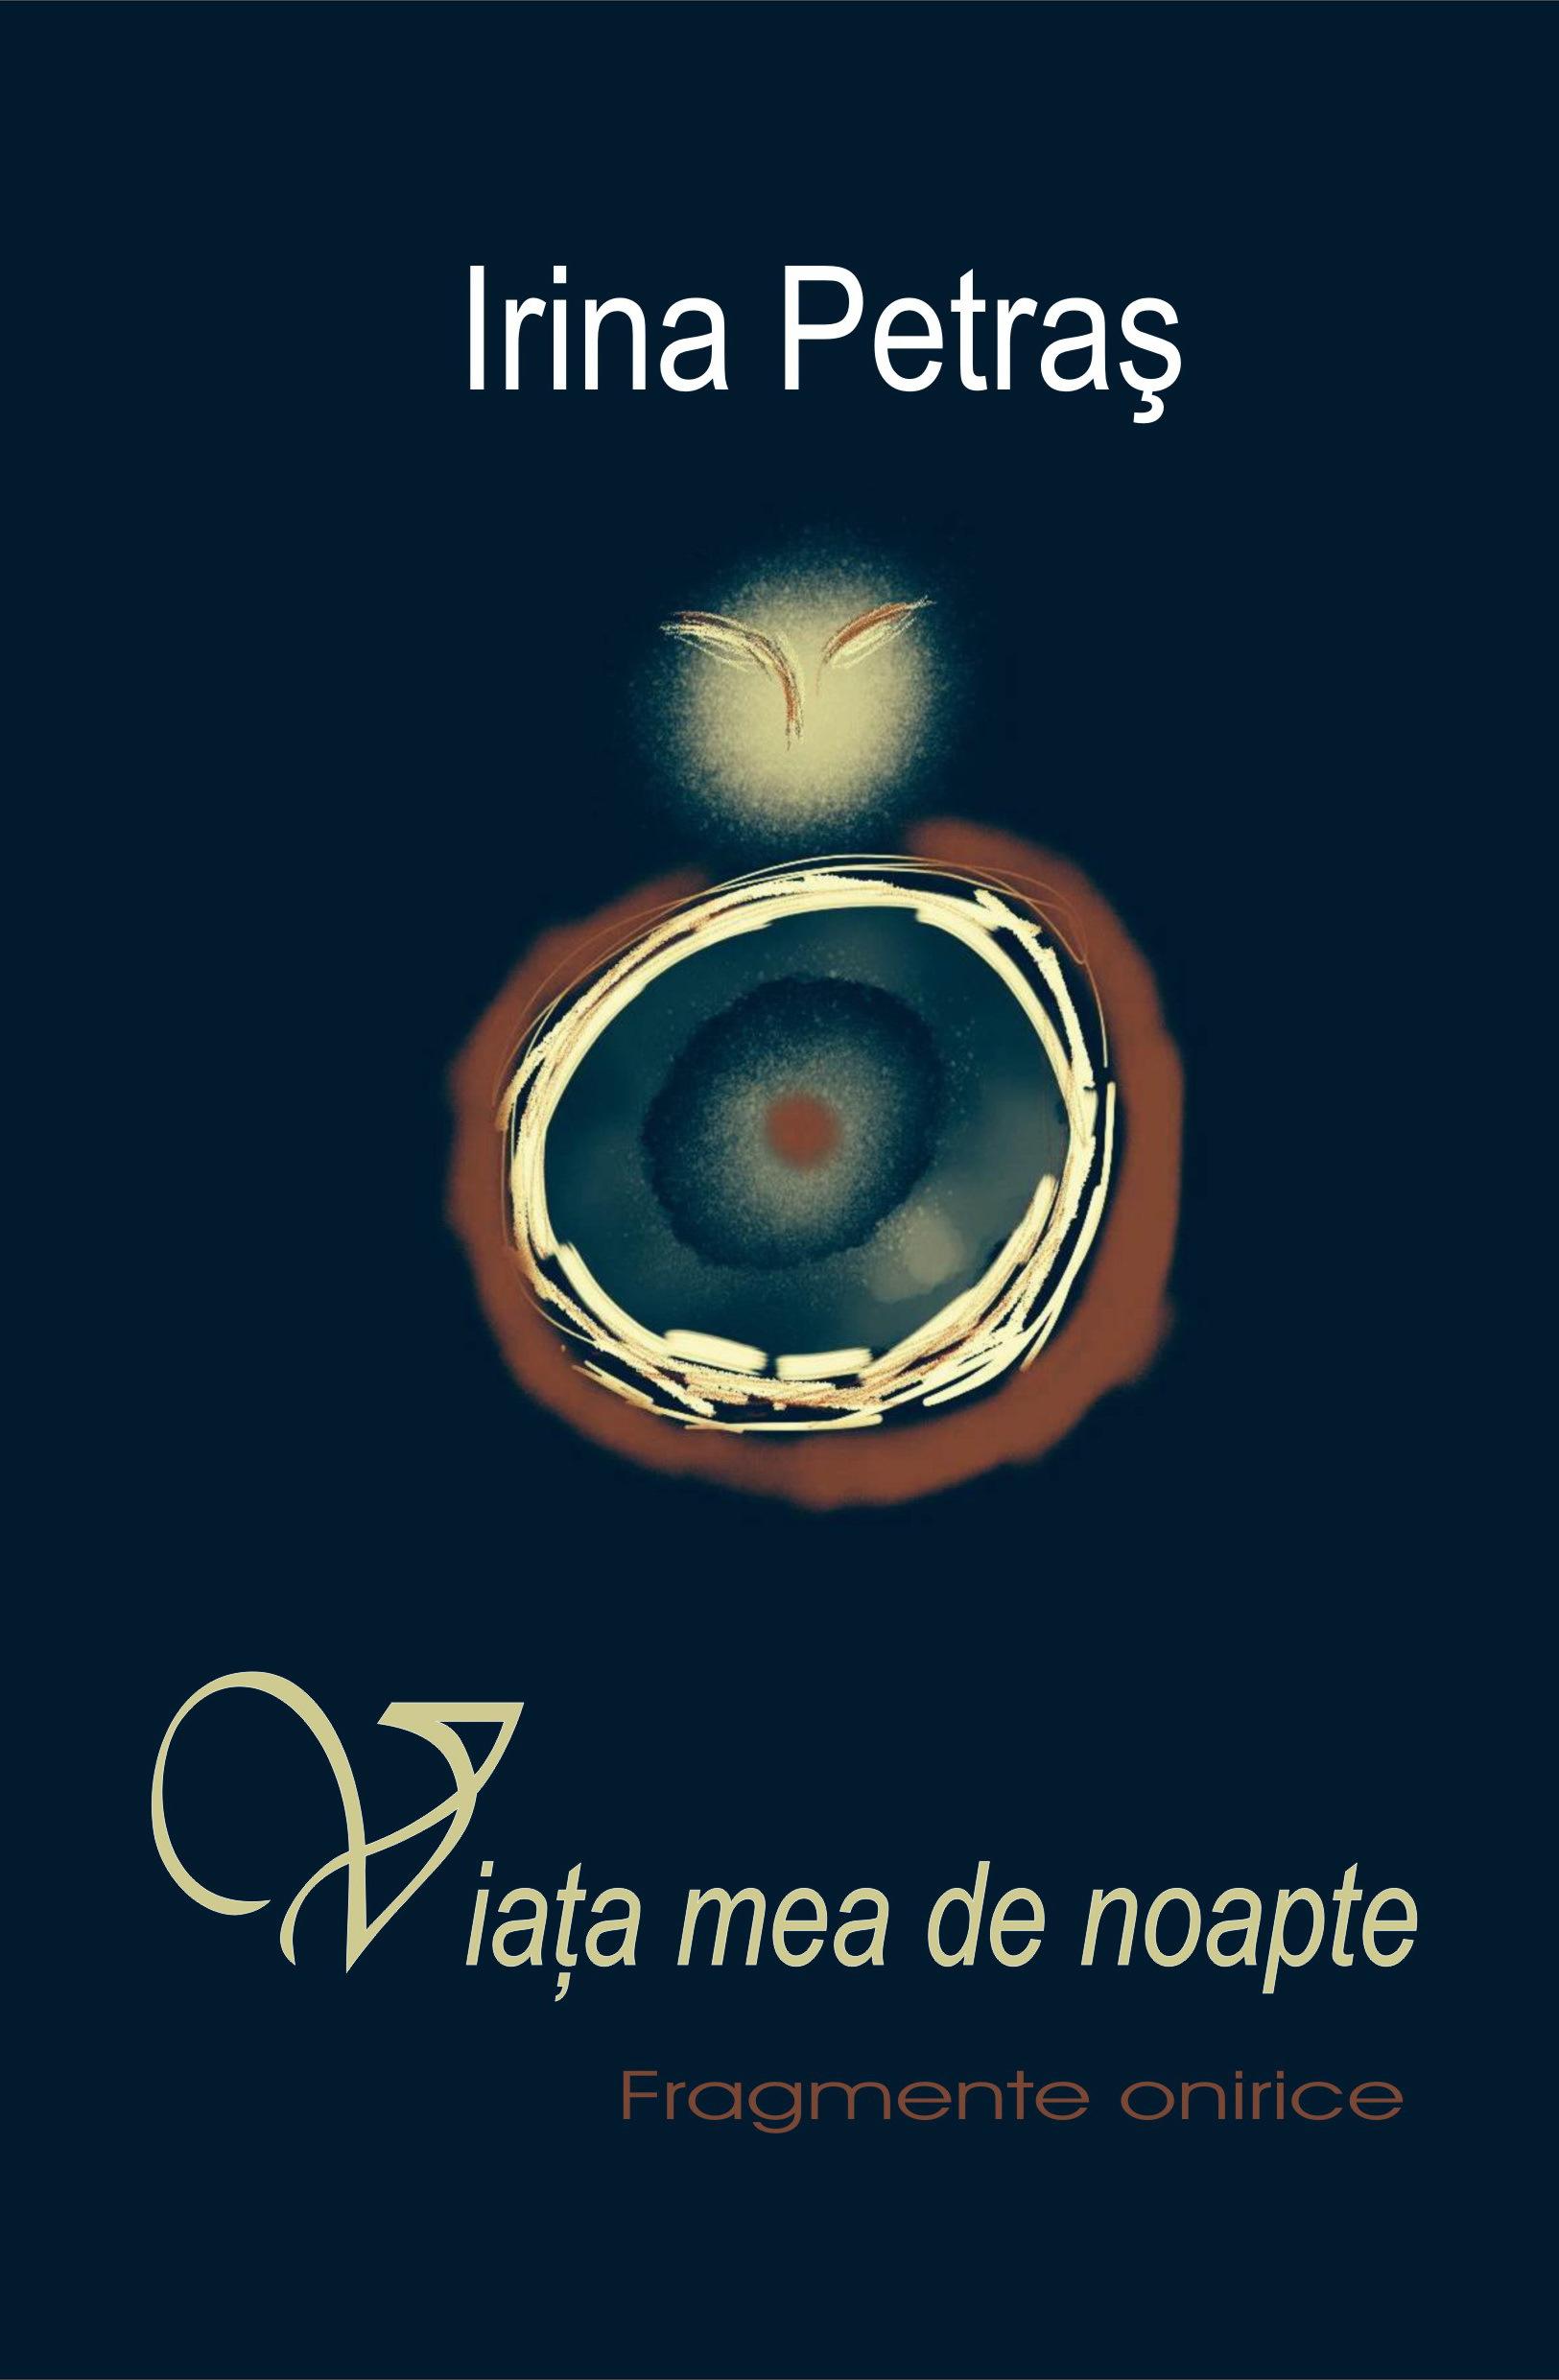 O carte pe zi: Viaţa mea de noapte, de Irina Petraş